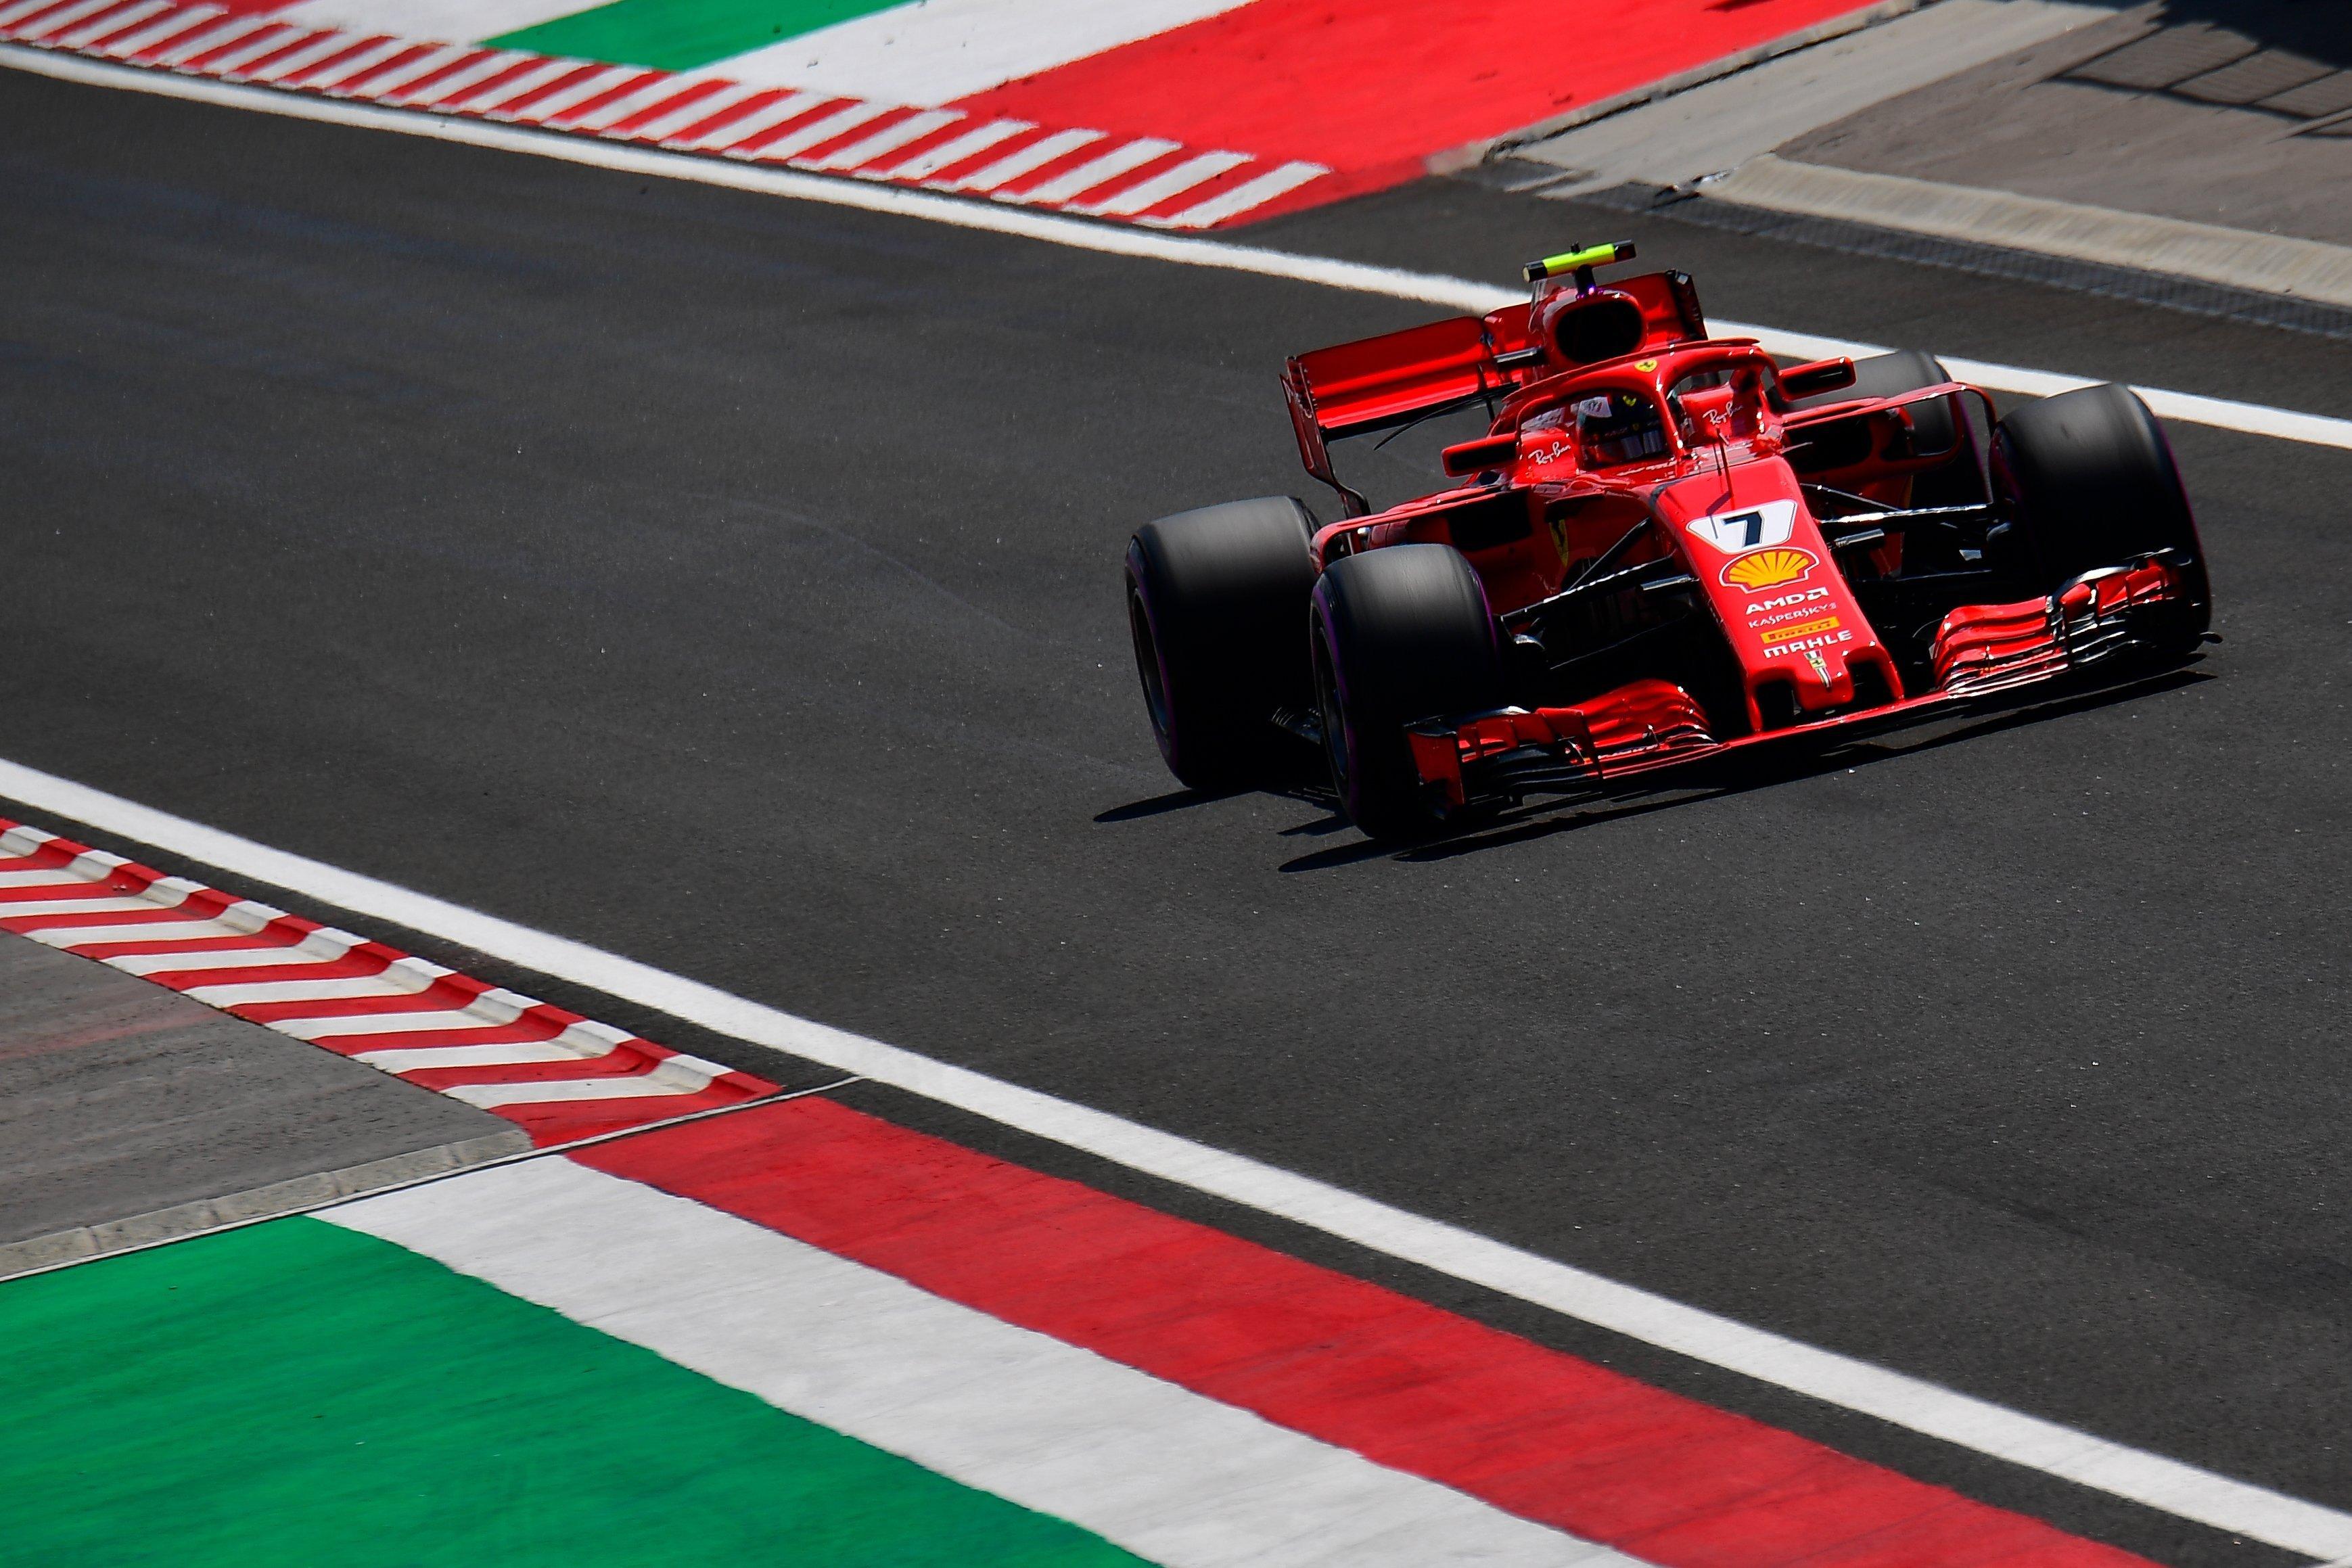 Formel-1: Strenge Regeln, keine Zuschauer